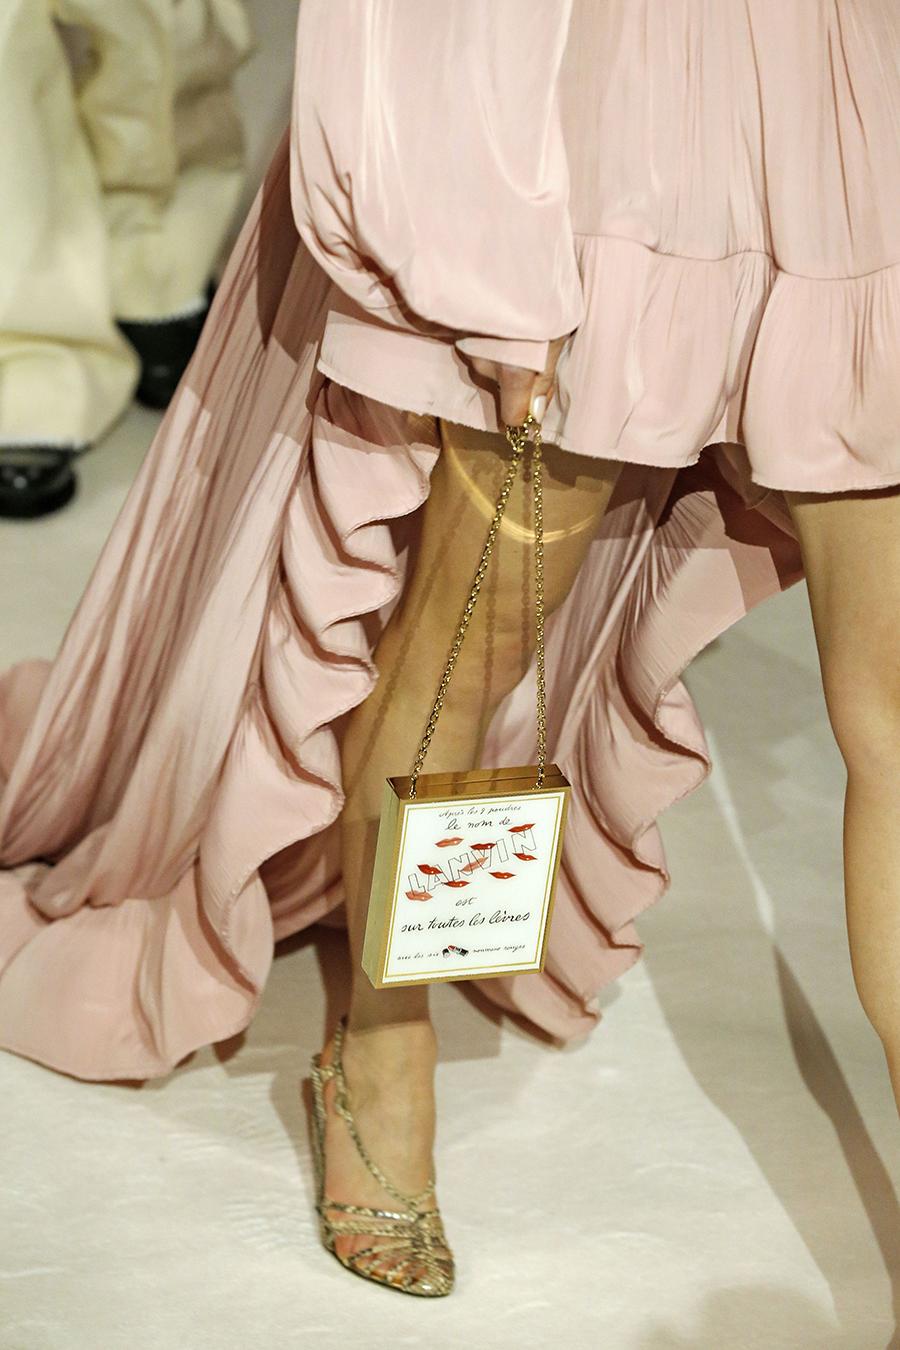 модная сумка минодьер осень зима 2020 2021 белая золотая прямоугольная